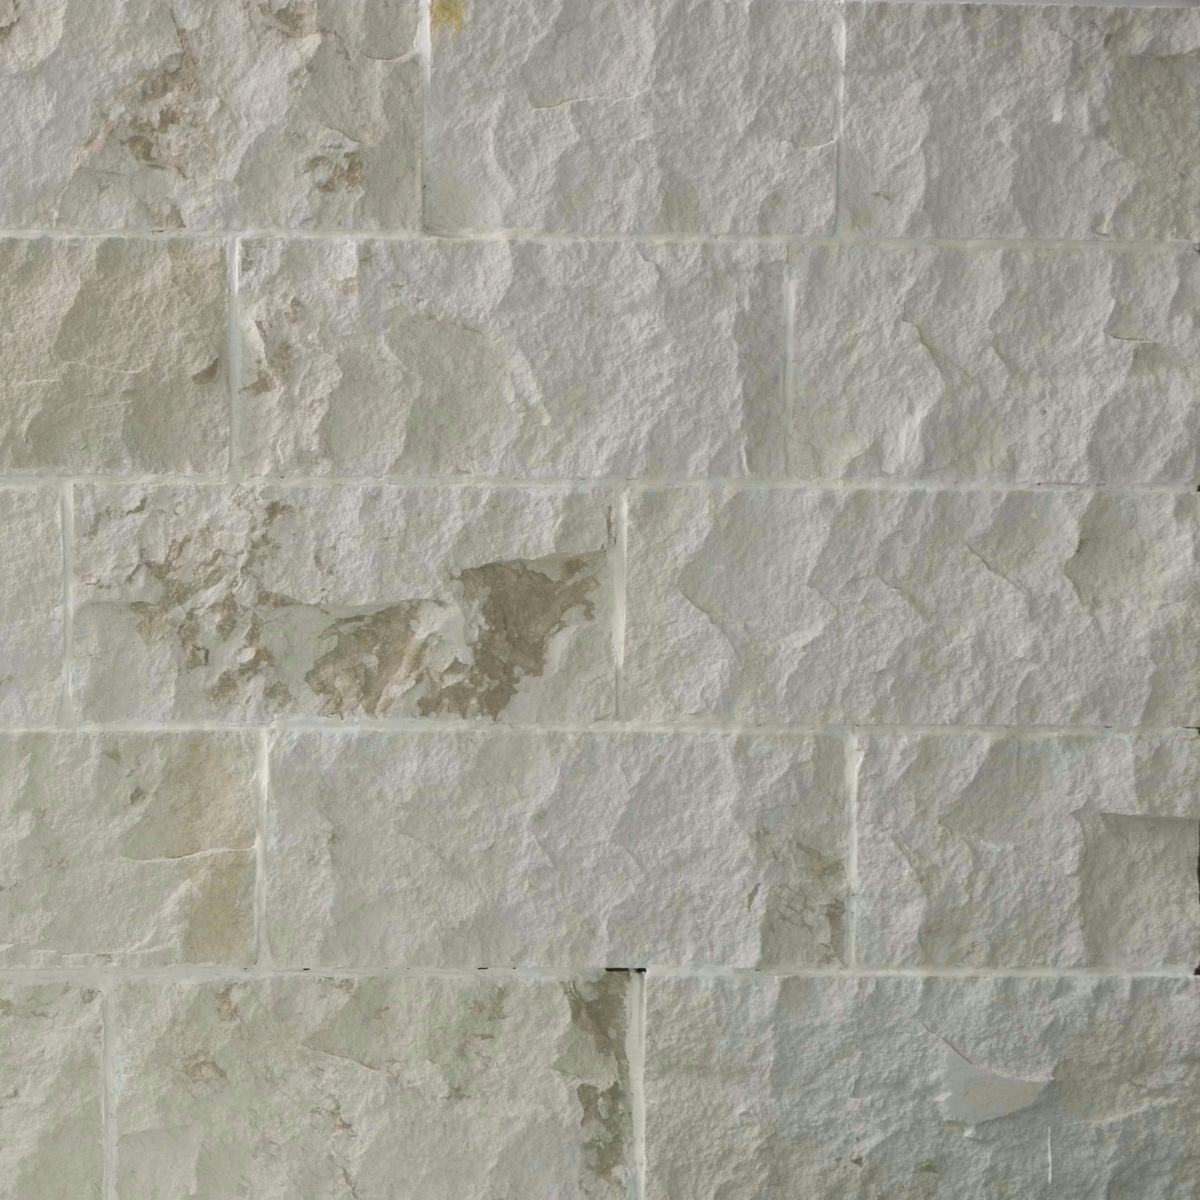 awesome piedra decorativa para paredes interiores o exteriores with exteriores piedra with para paredes exteriores en piedra